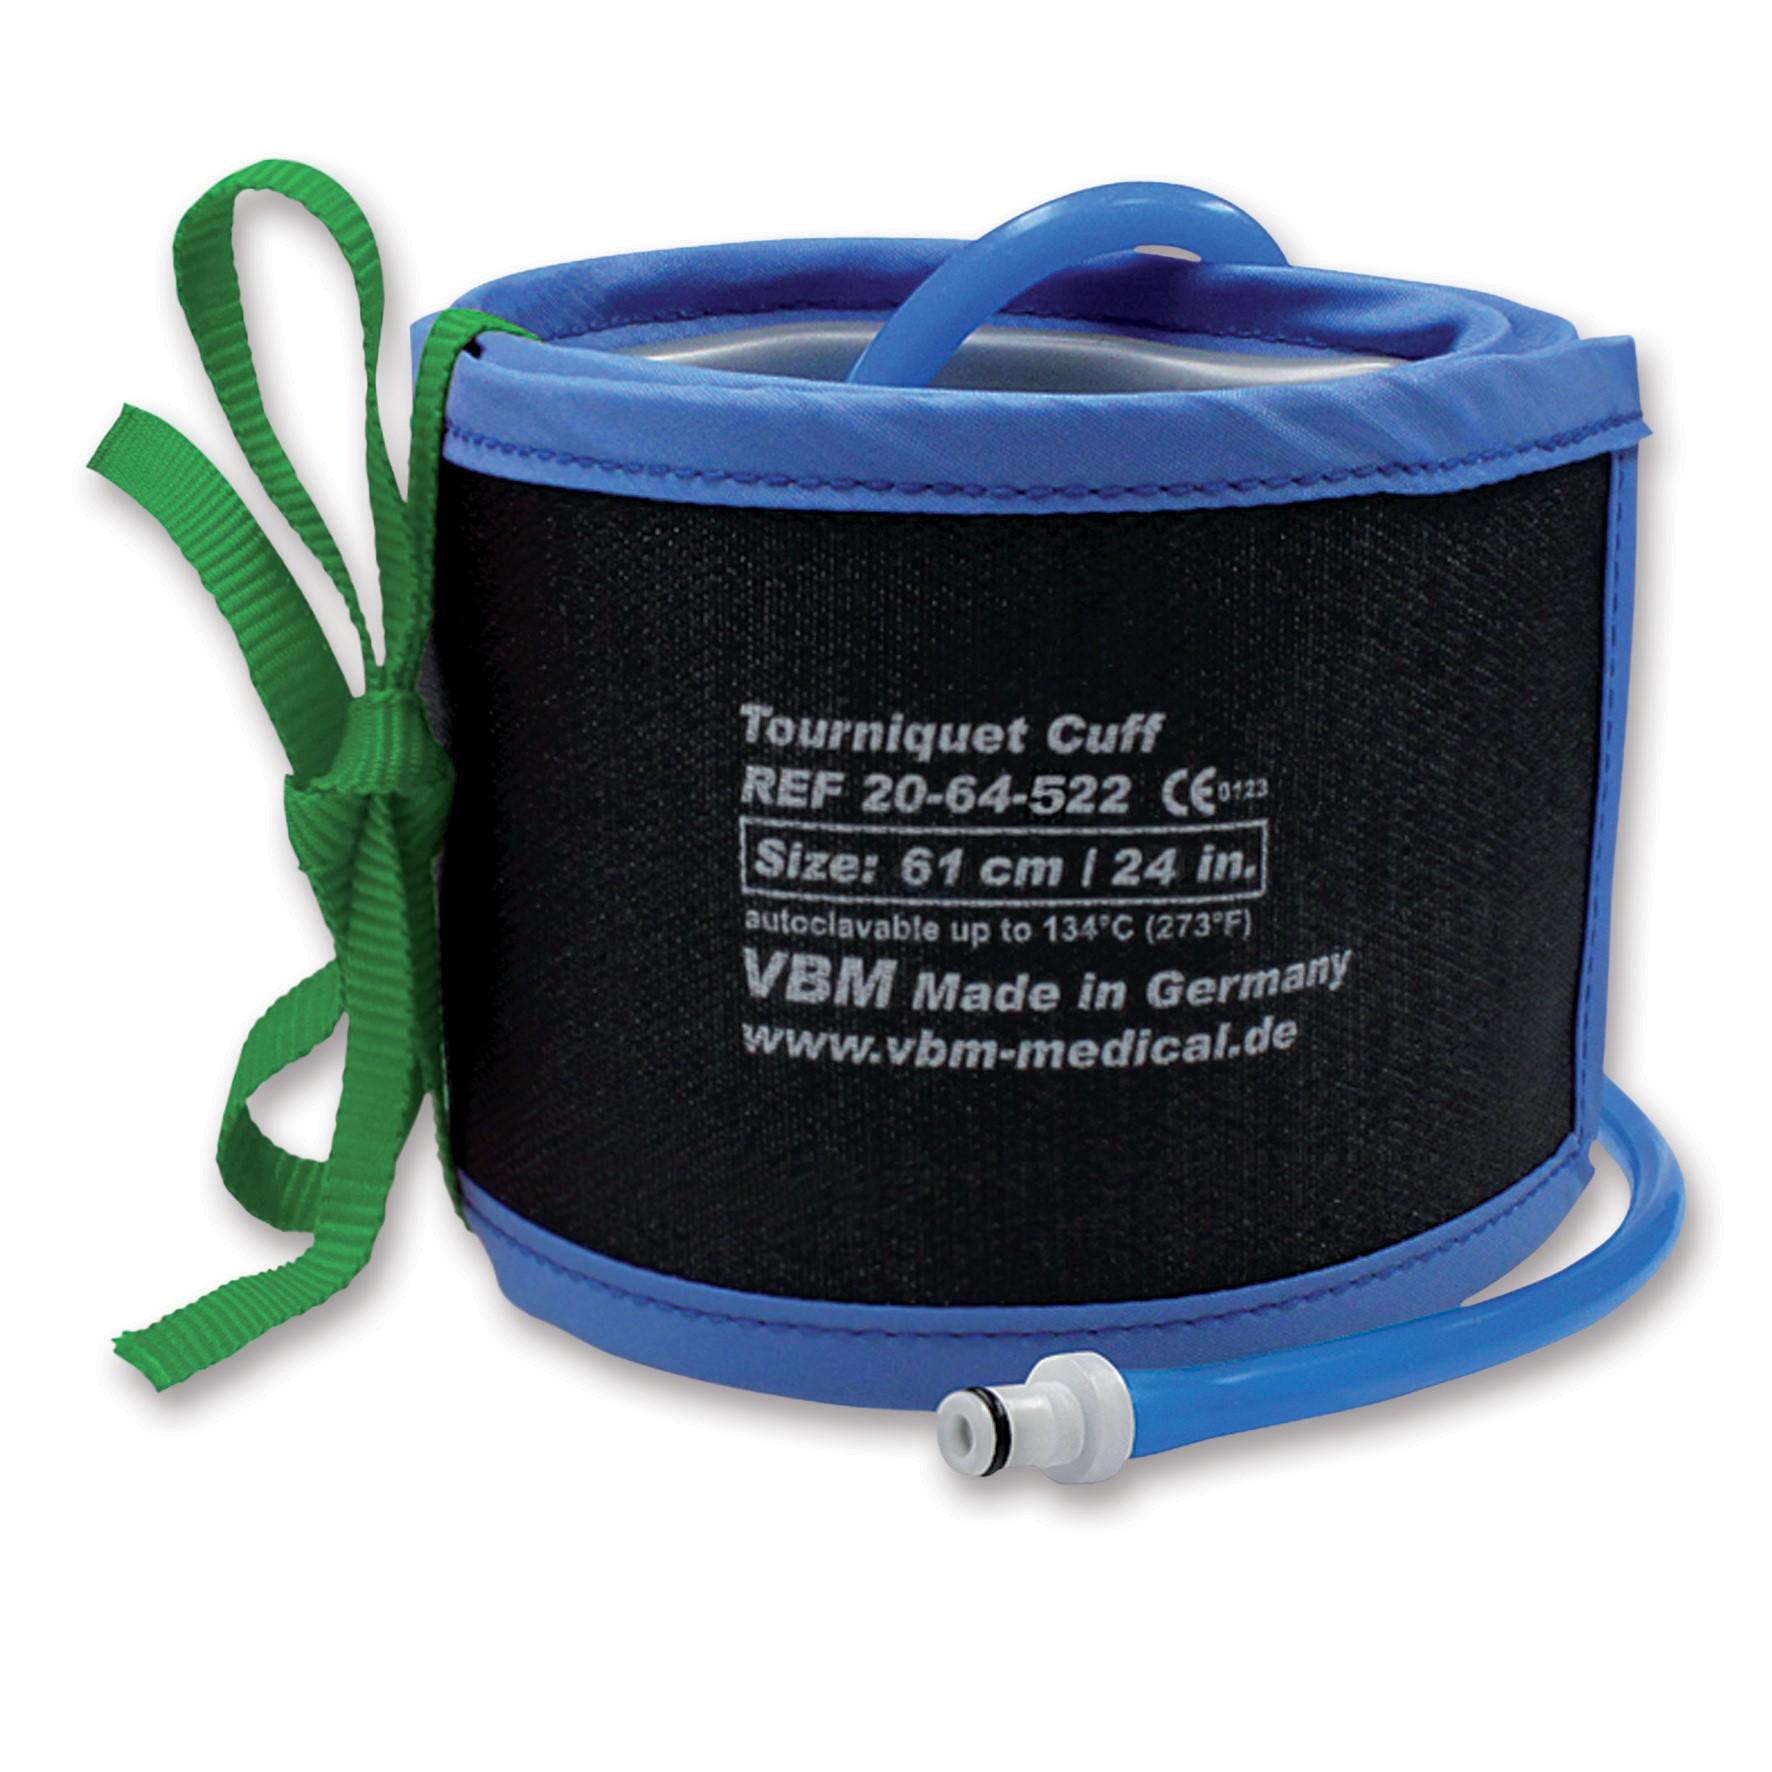 Silicone/Velcro Cuffs